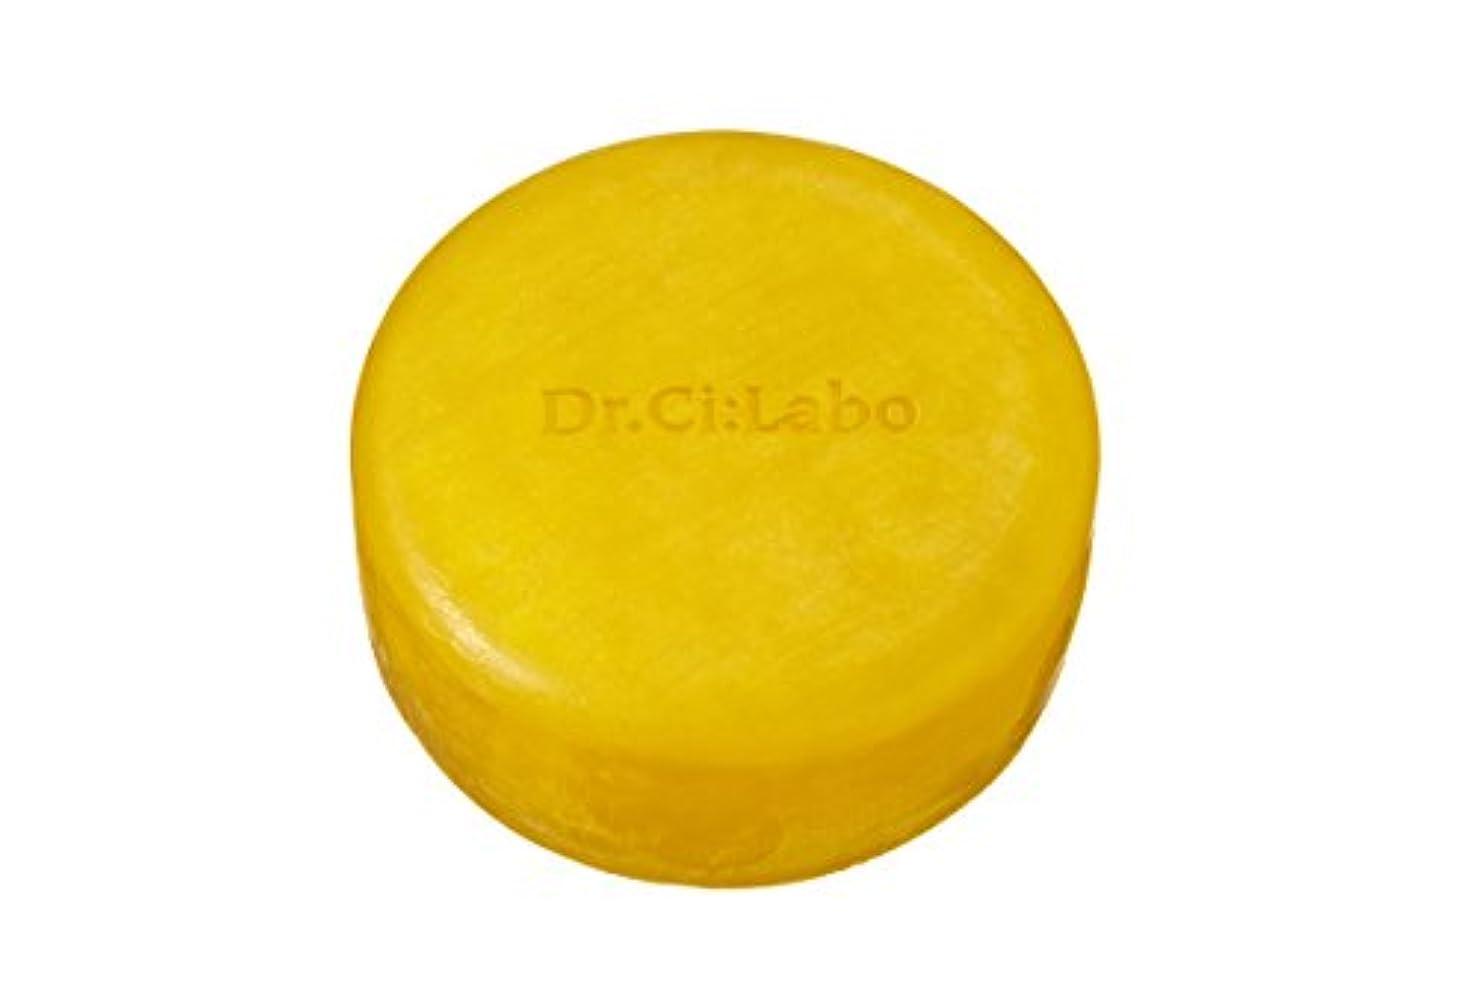 推進力草難しいドクターシーラボ エンリッチリフトソープEX 角質オフ石鹸 100g 洗顔石鹸